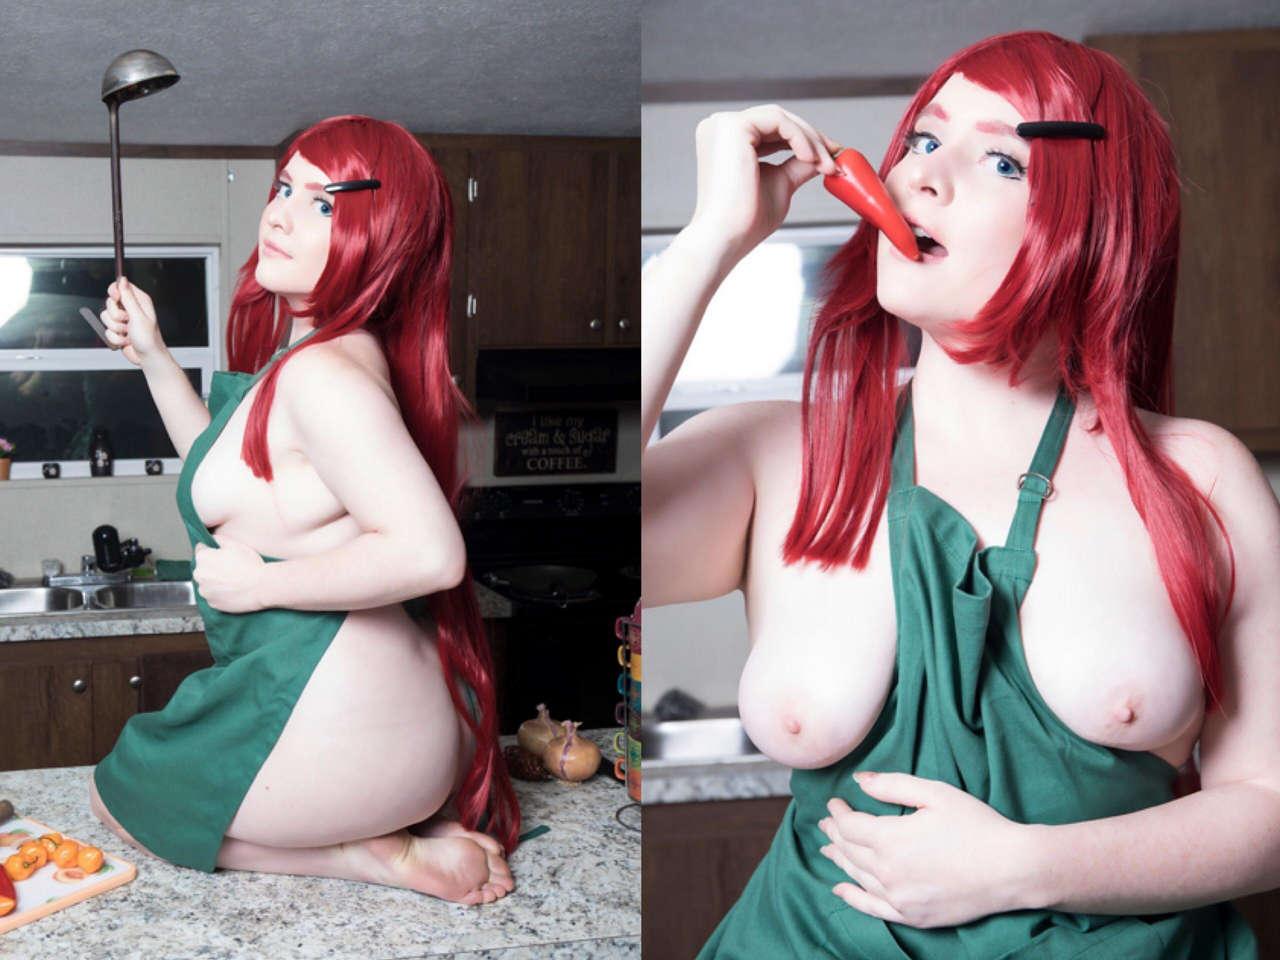 Foxy cosplay nude